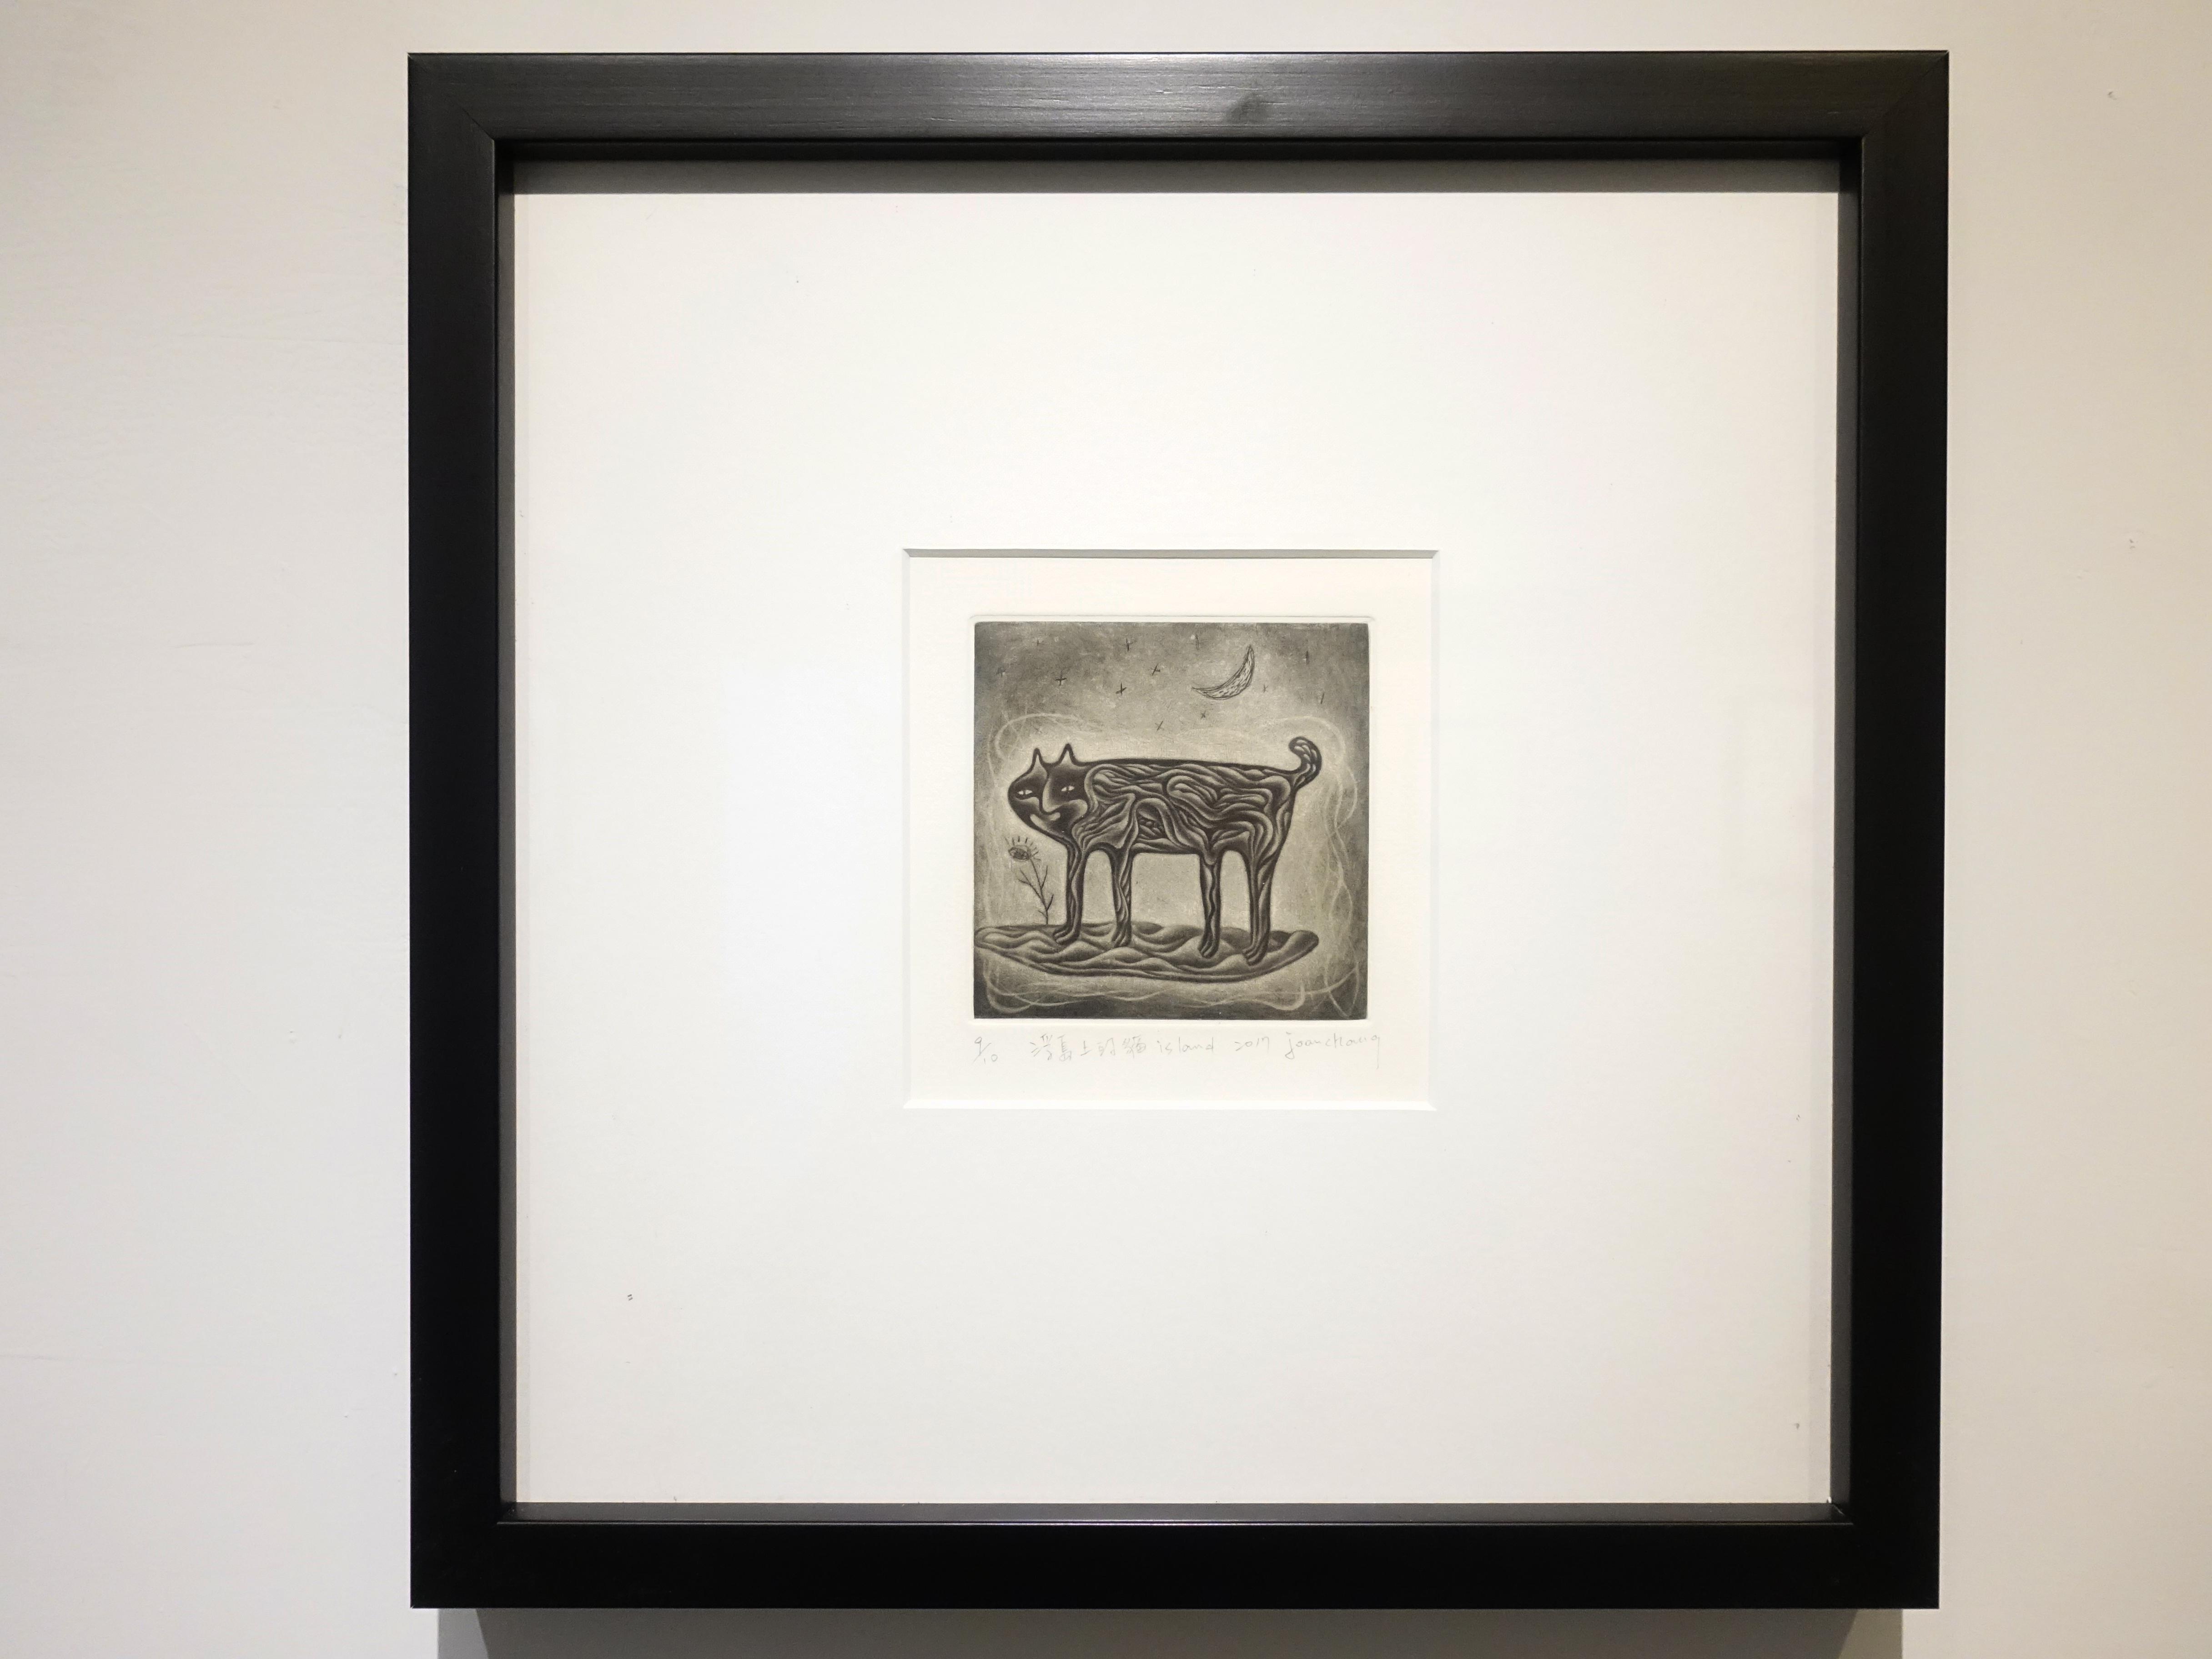 張慧如,《浮島上的貓》,10 x 10 cm,美柔丁9/20,2017。